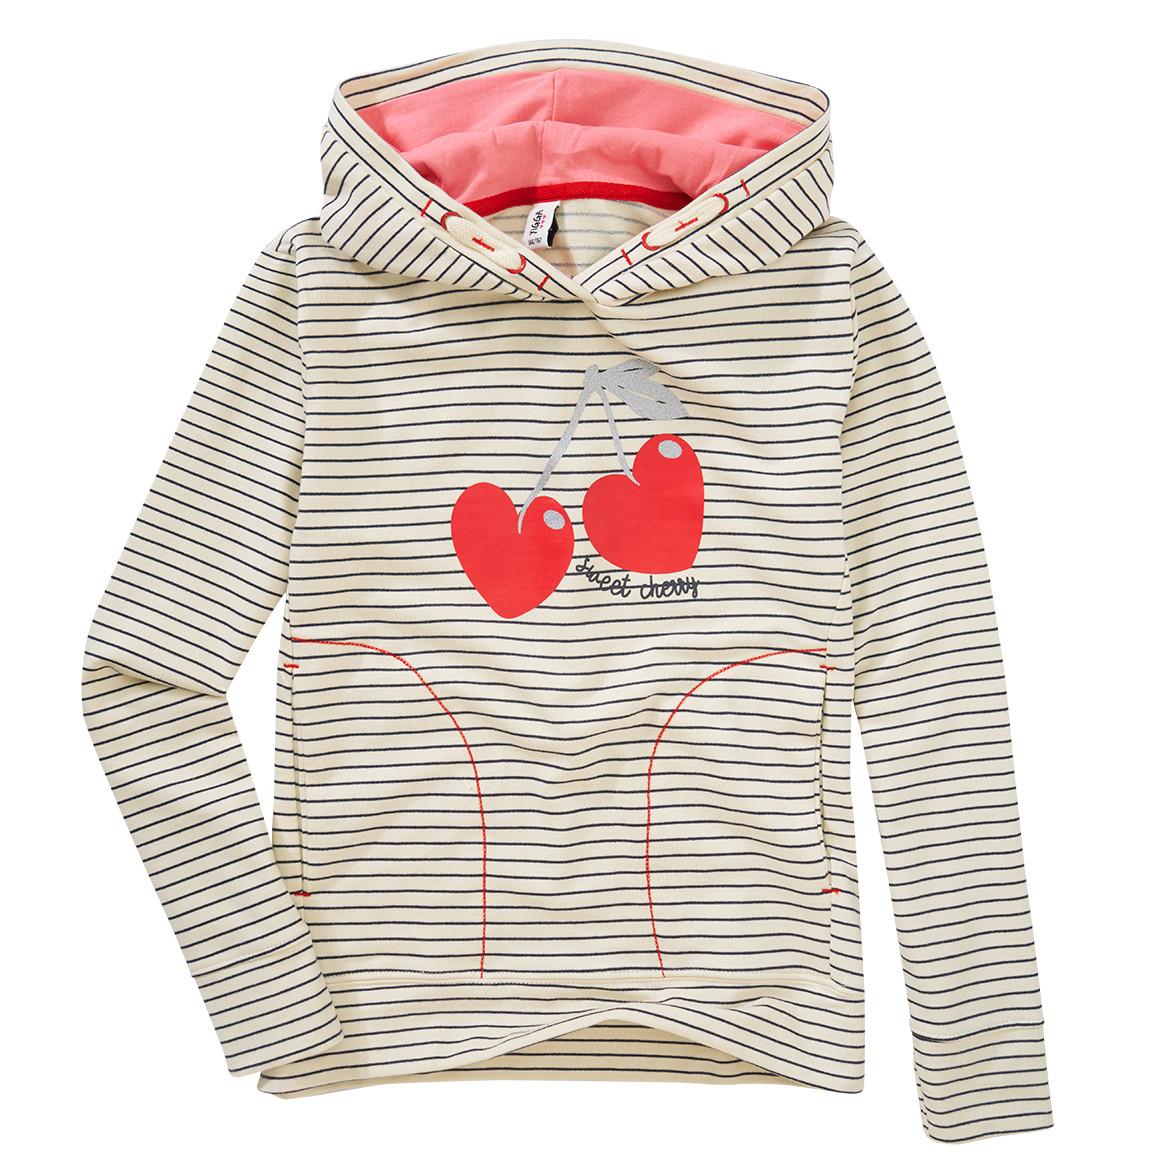 Girlsoberteile - Mädchen Sweatshirt mit Einschubtaschen - Onlineshop Ernstings family